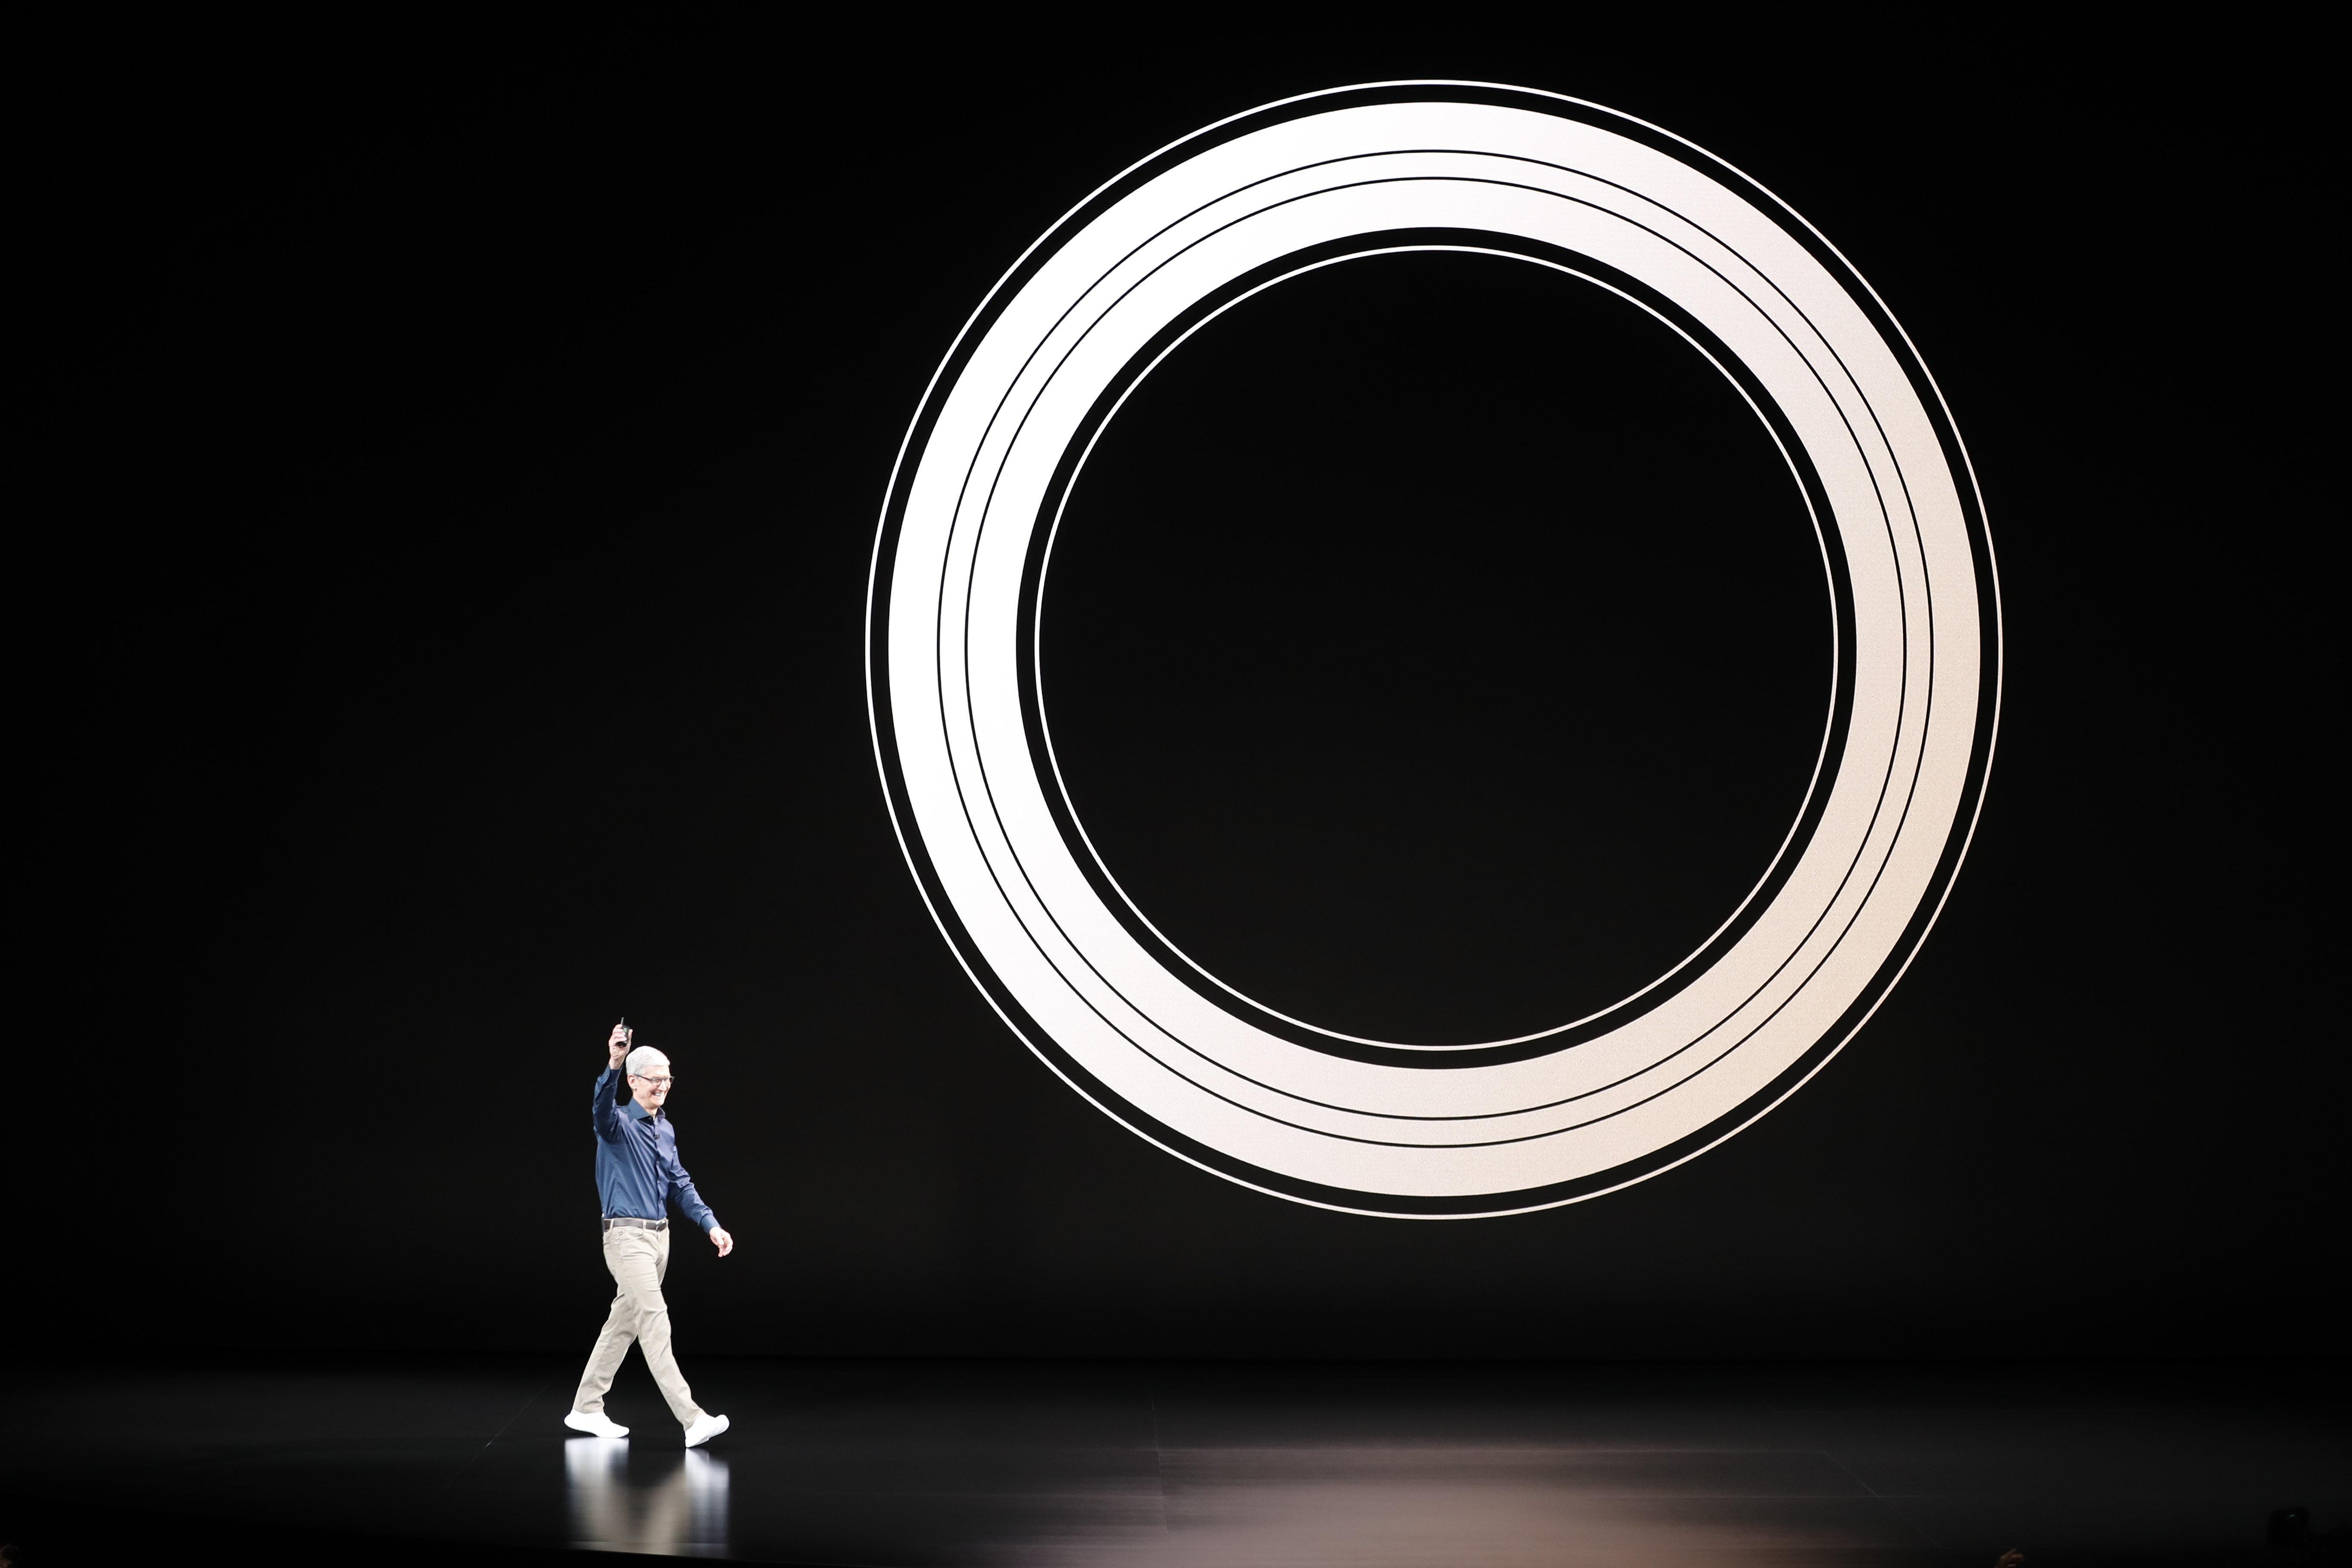 애플과 아마존, 월가의 '1조달러